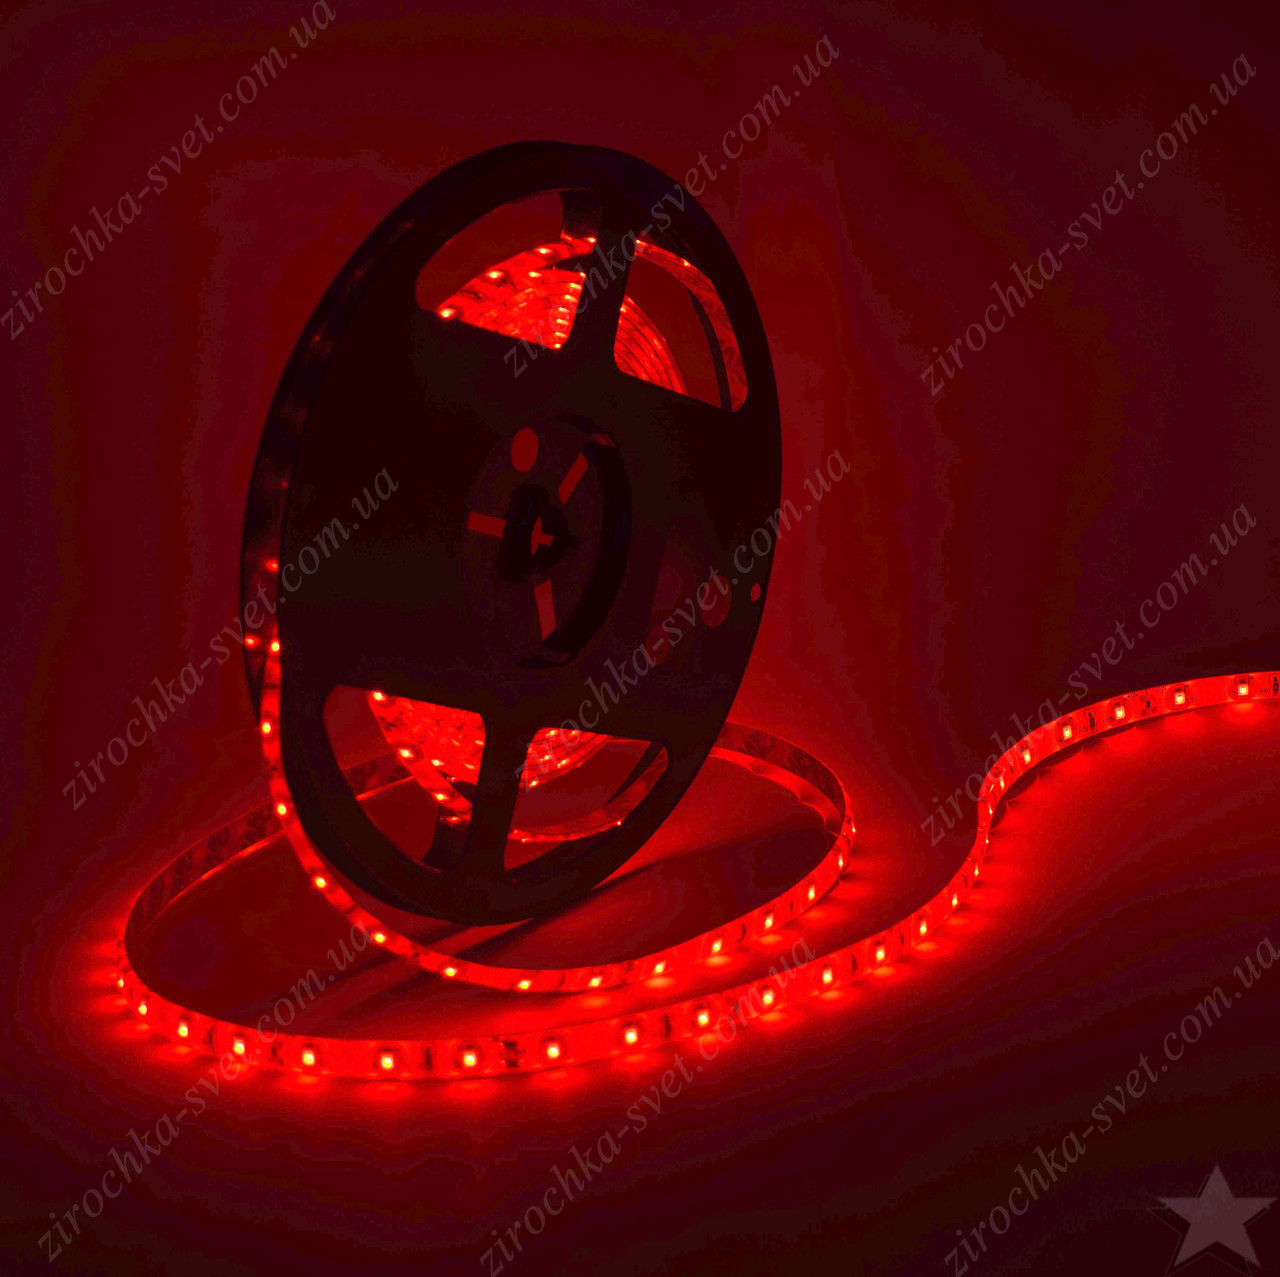 Светодиодная лента красная 12в 60шт/м smd3528 IP65 влагозащищенная (в силиконе) 4,8 Вт/м Motoko